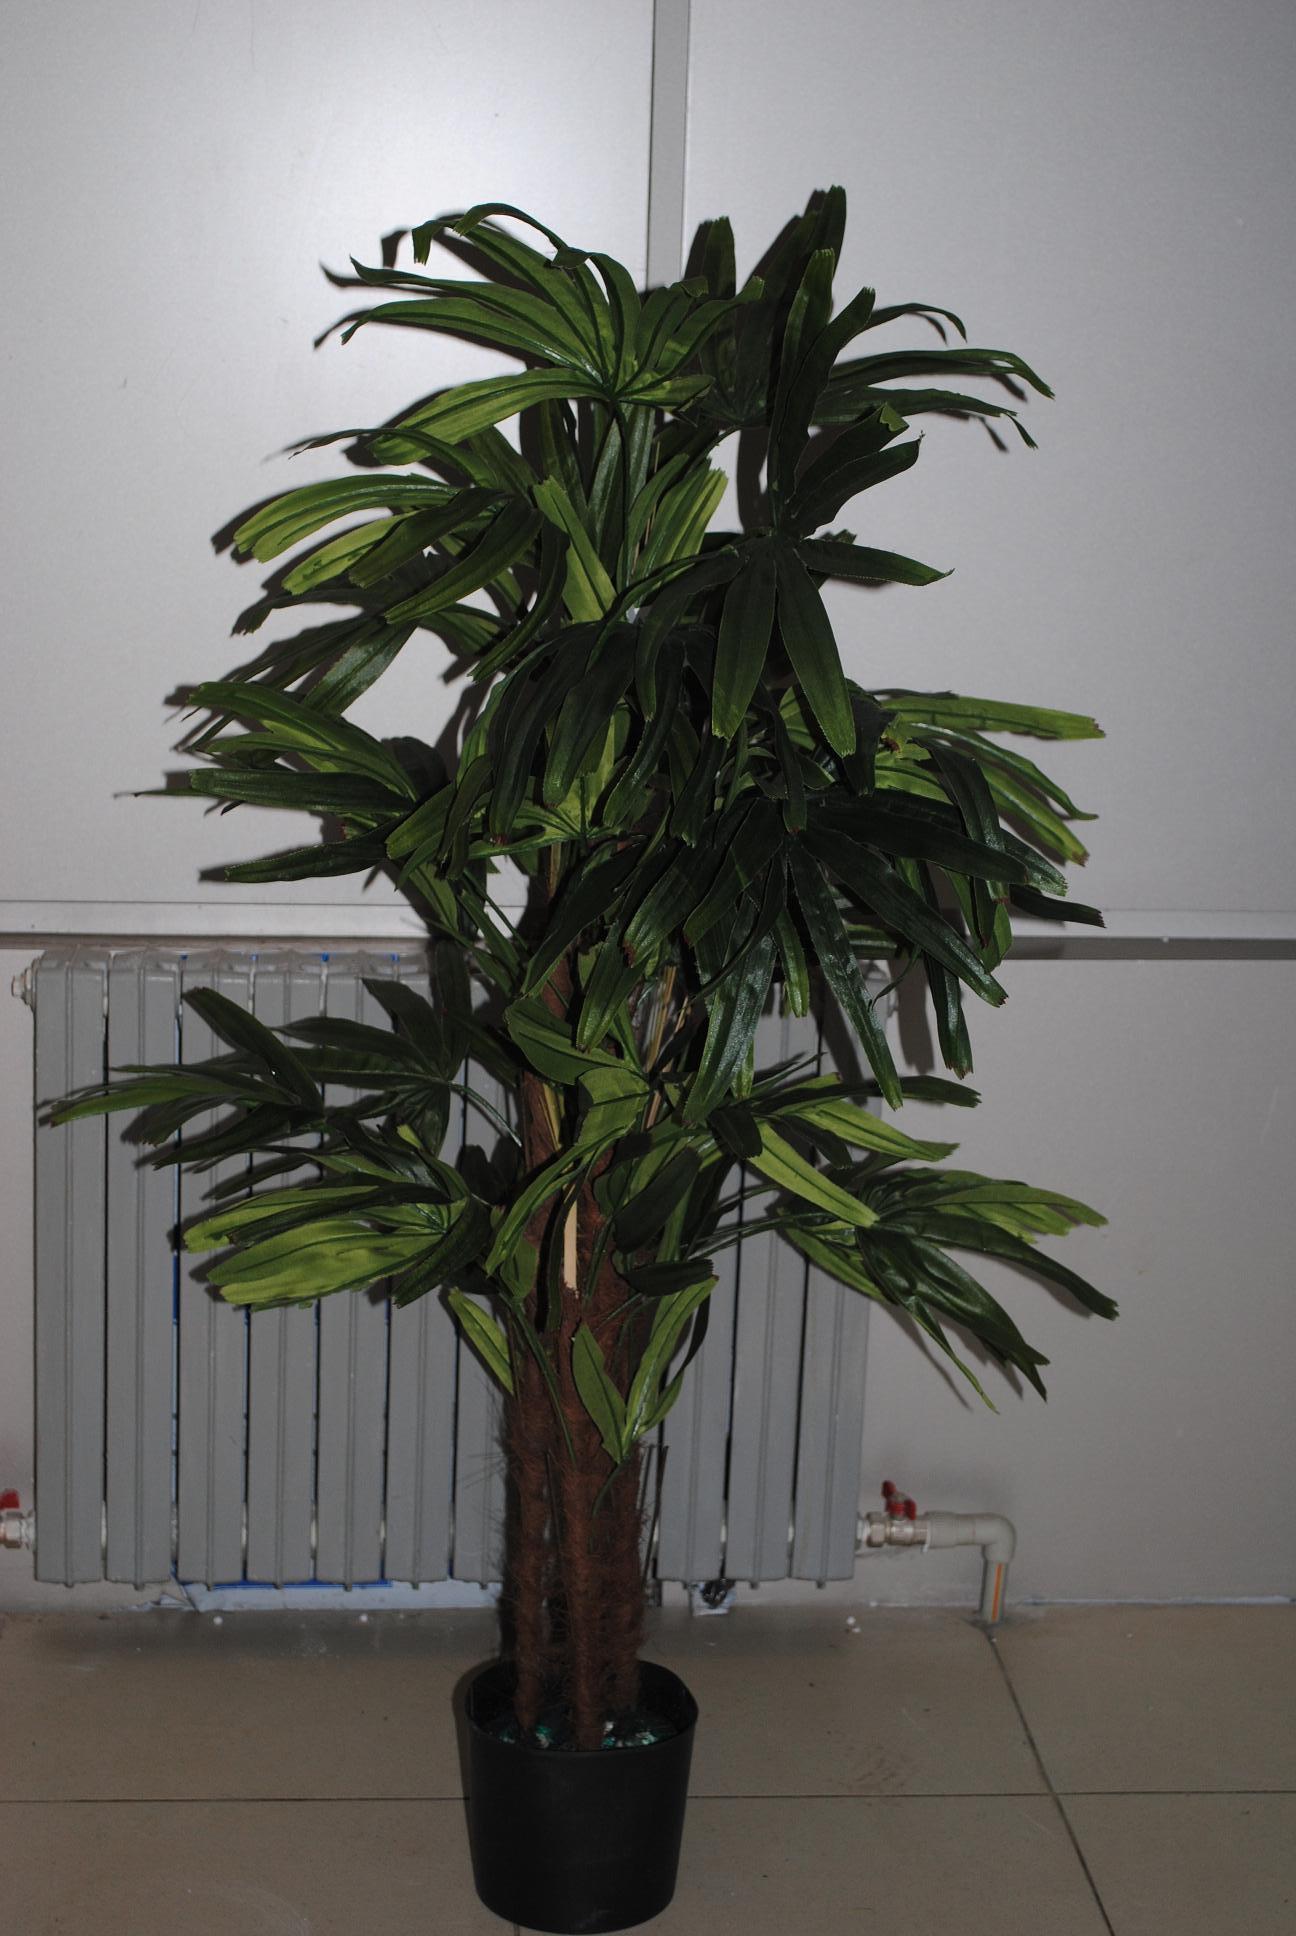 Купить искусственные цветы в украине в розницу пальмы какой можно сделать подарок на юбилей